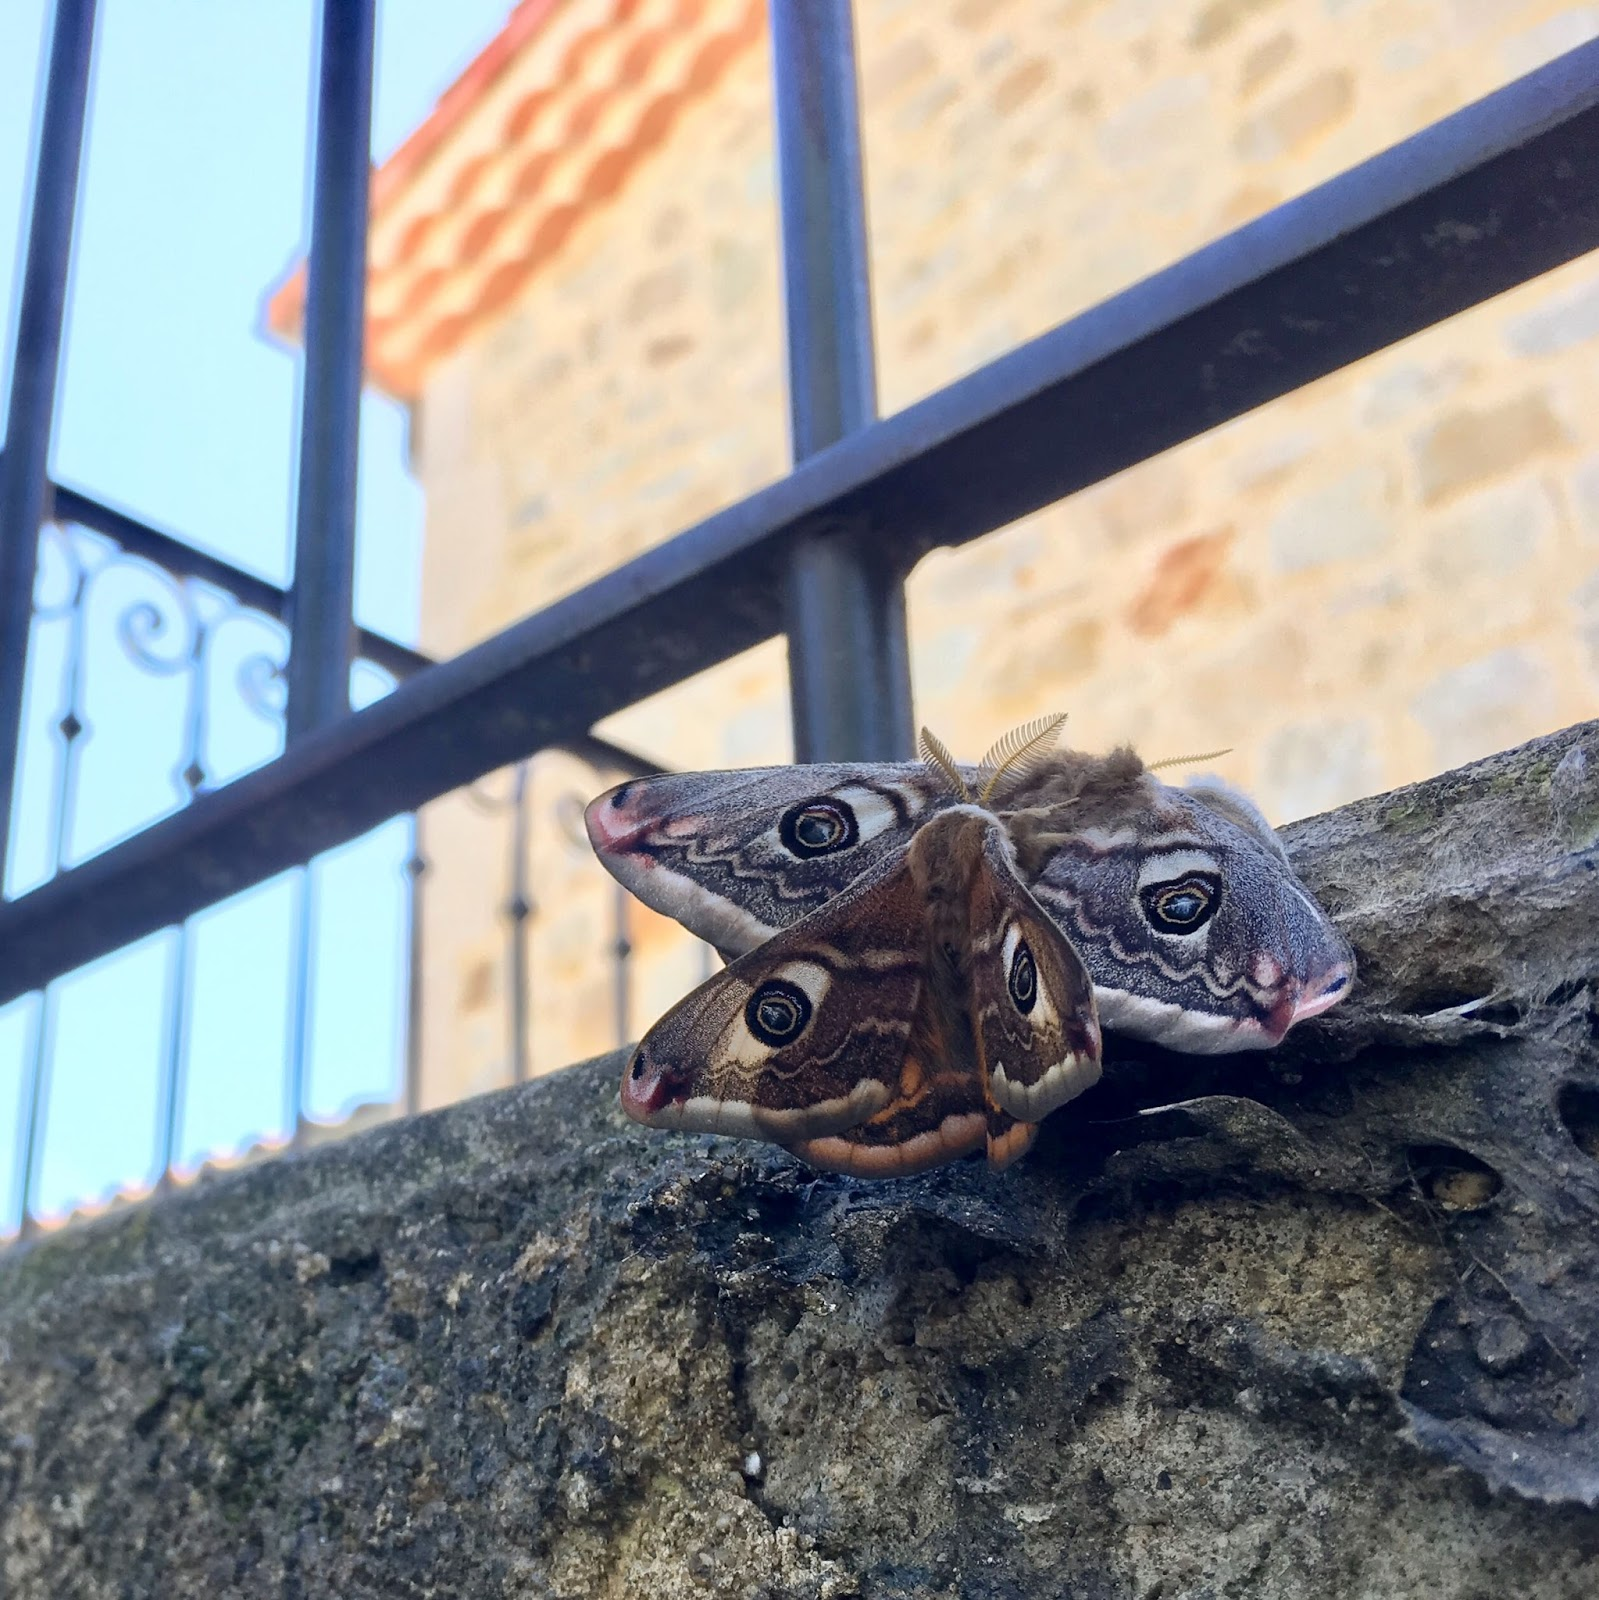 Scorpion mâle datant poissons femelle